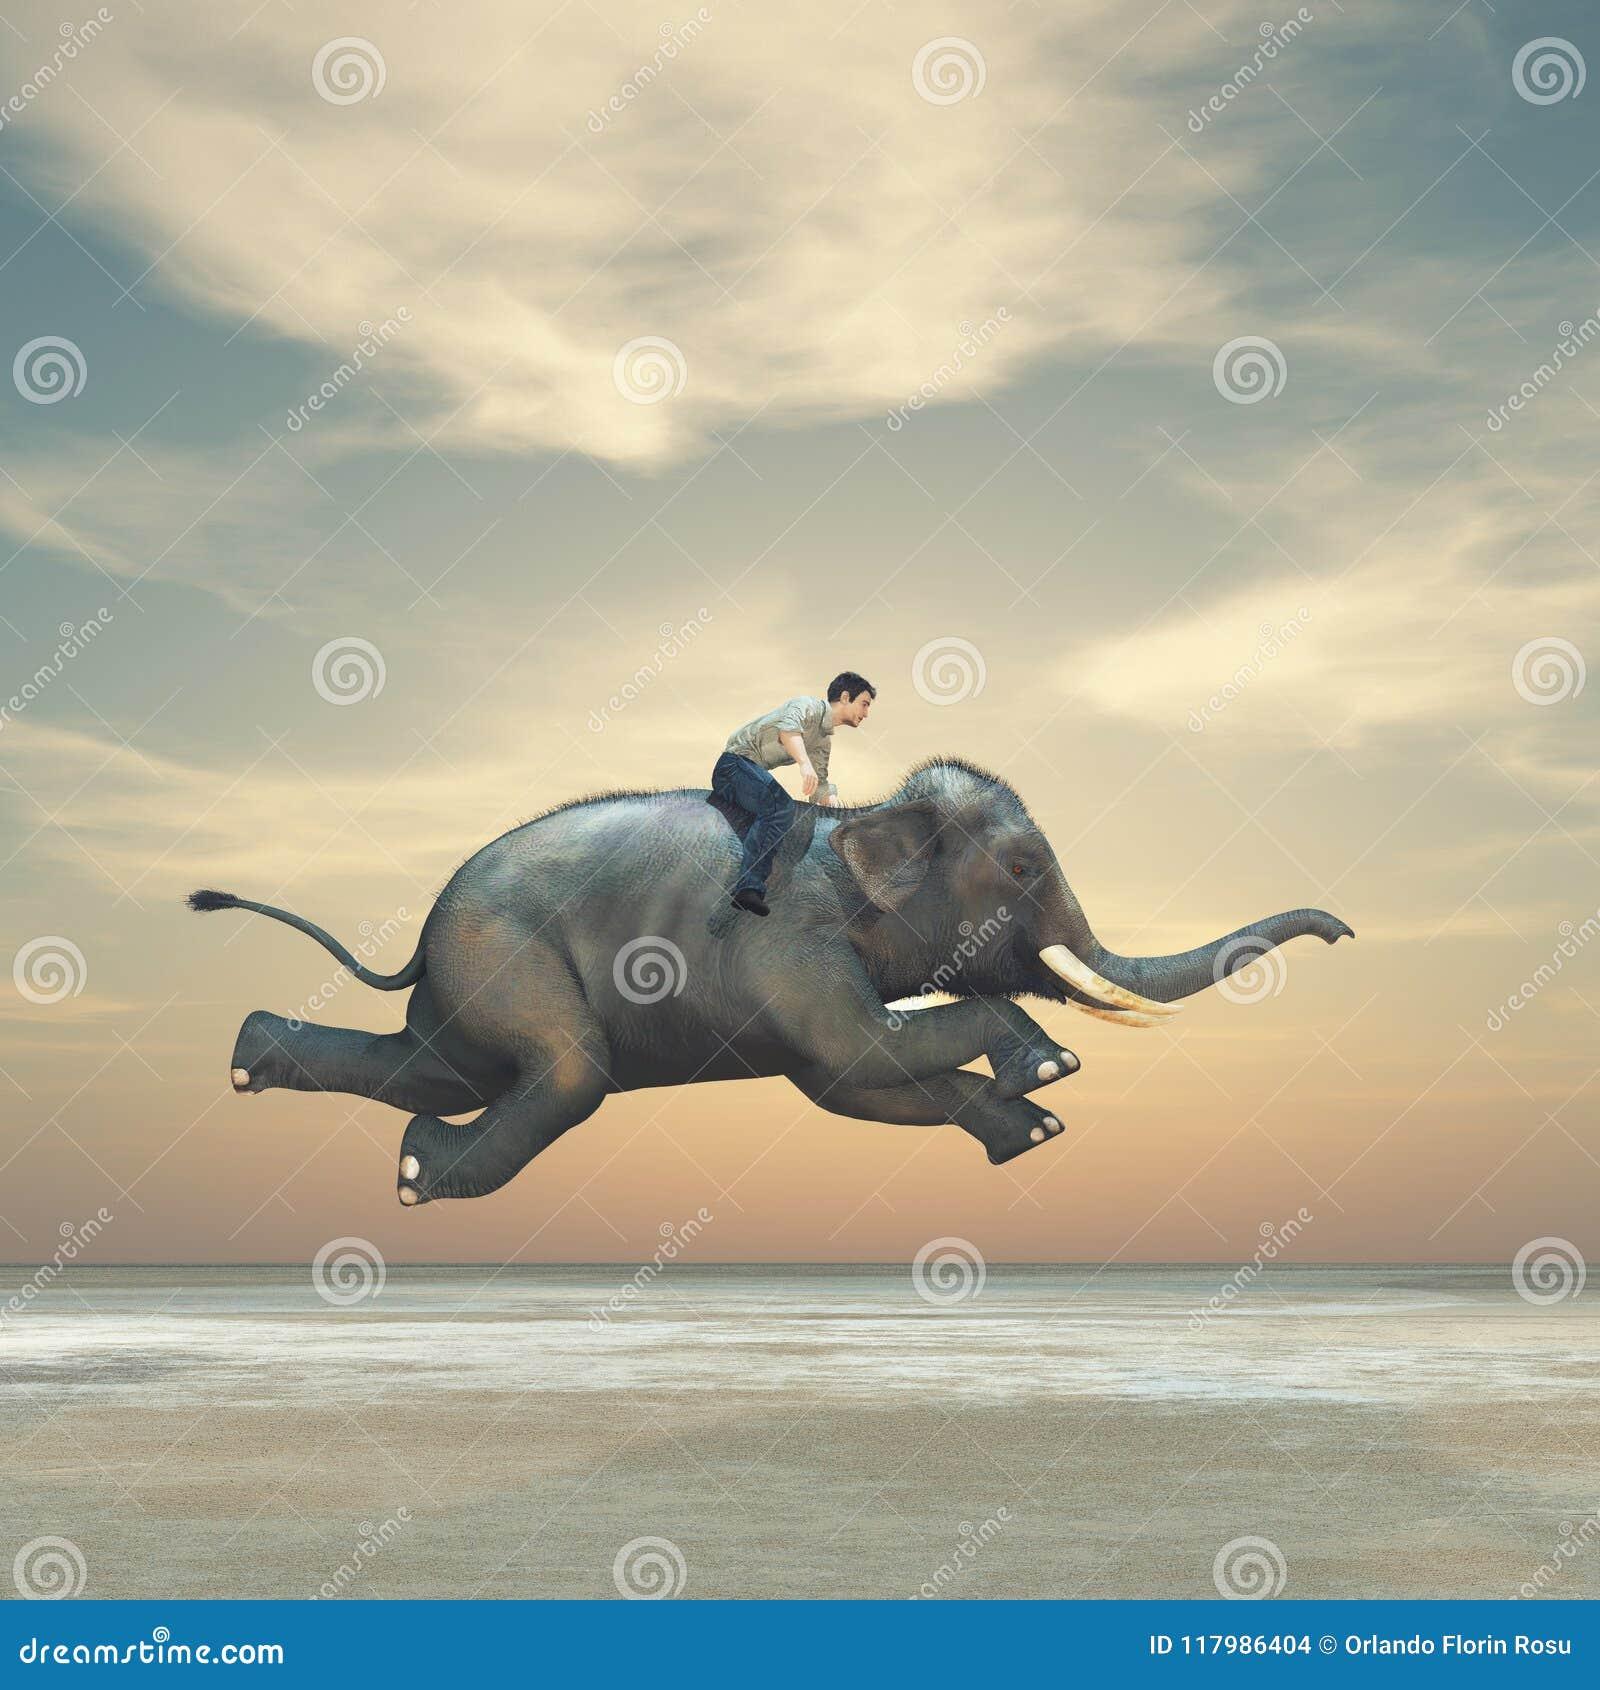 Surreal beeld van een personenvervoer een olifant